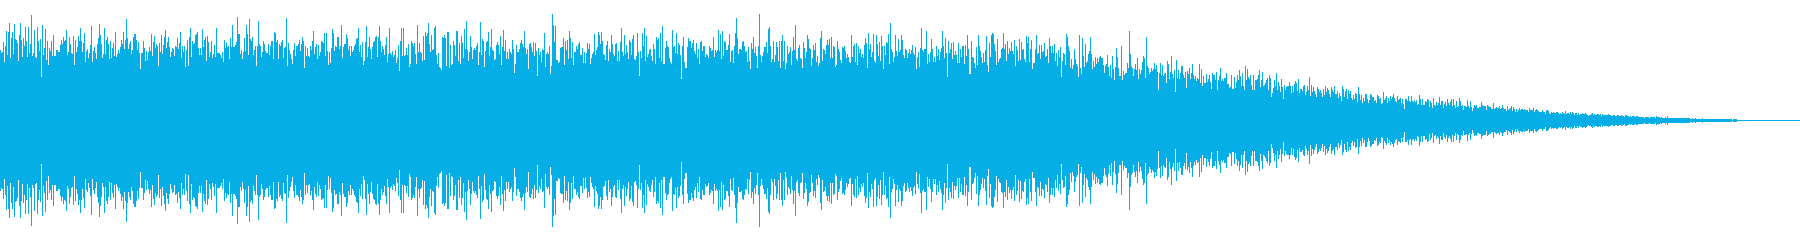 戦車の走行音/キャタピラの効果音05の再生済みの波形